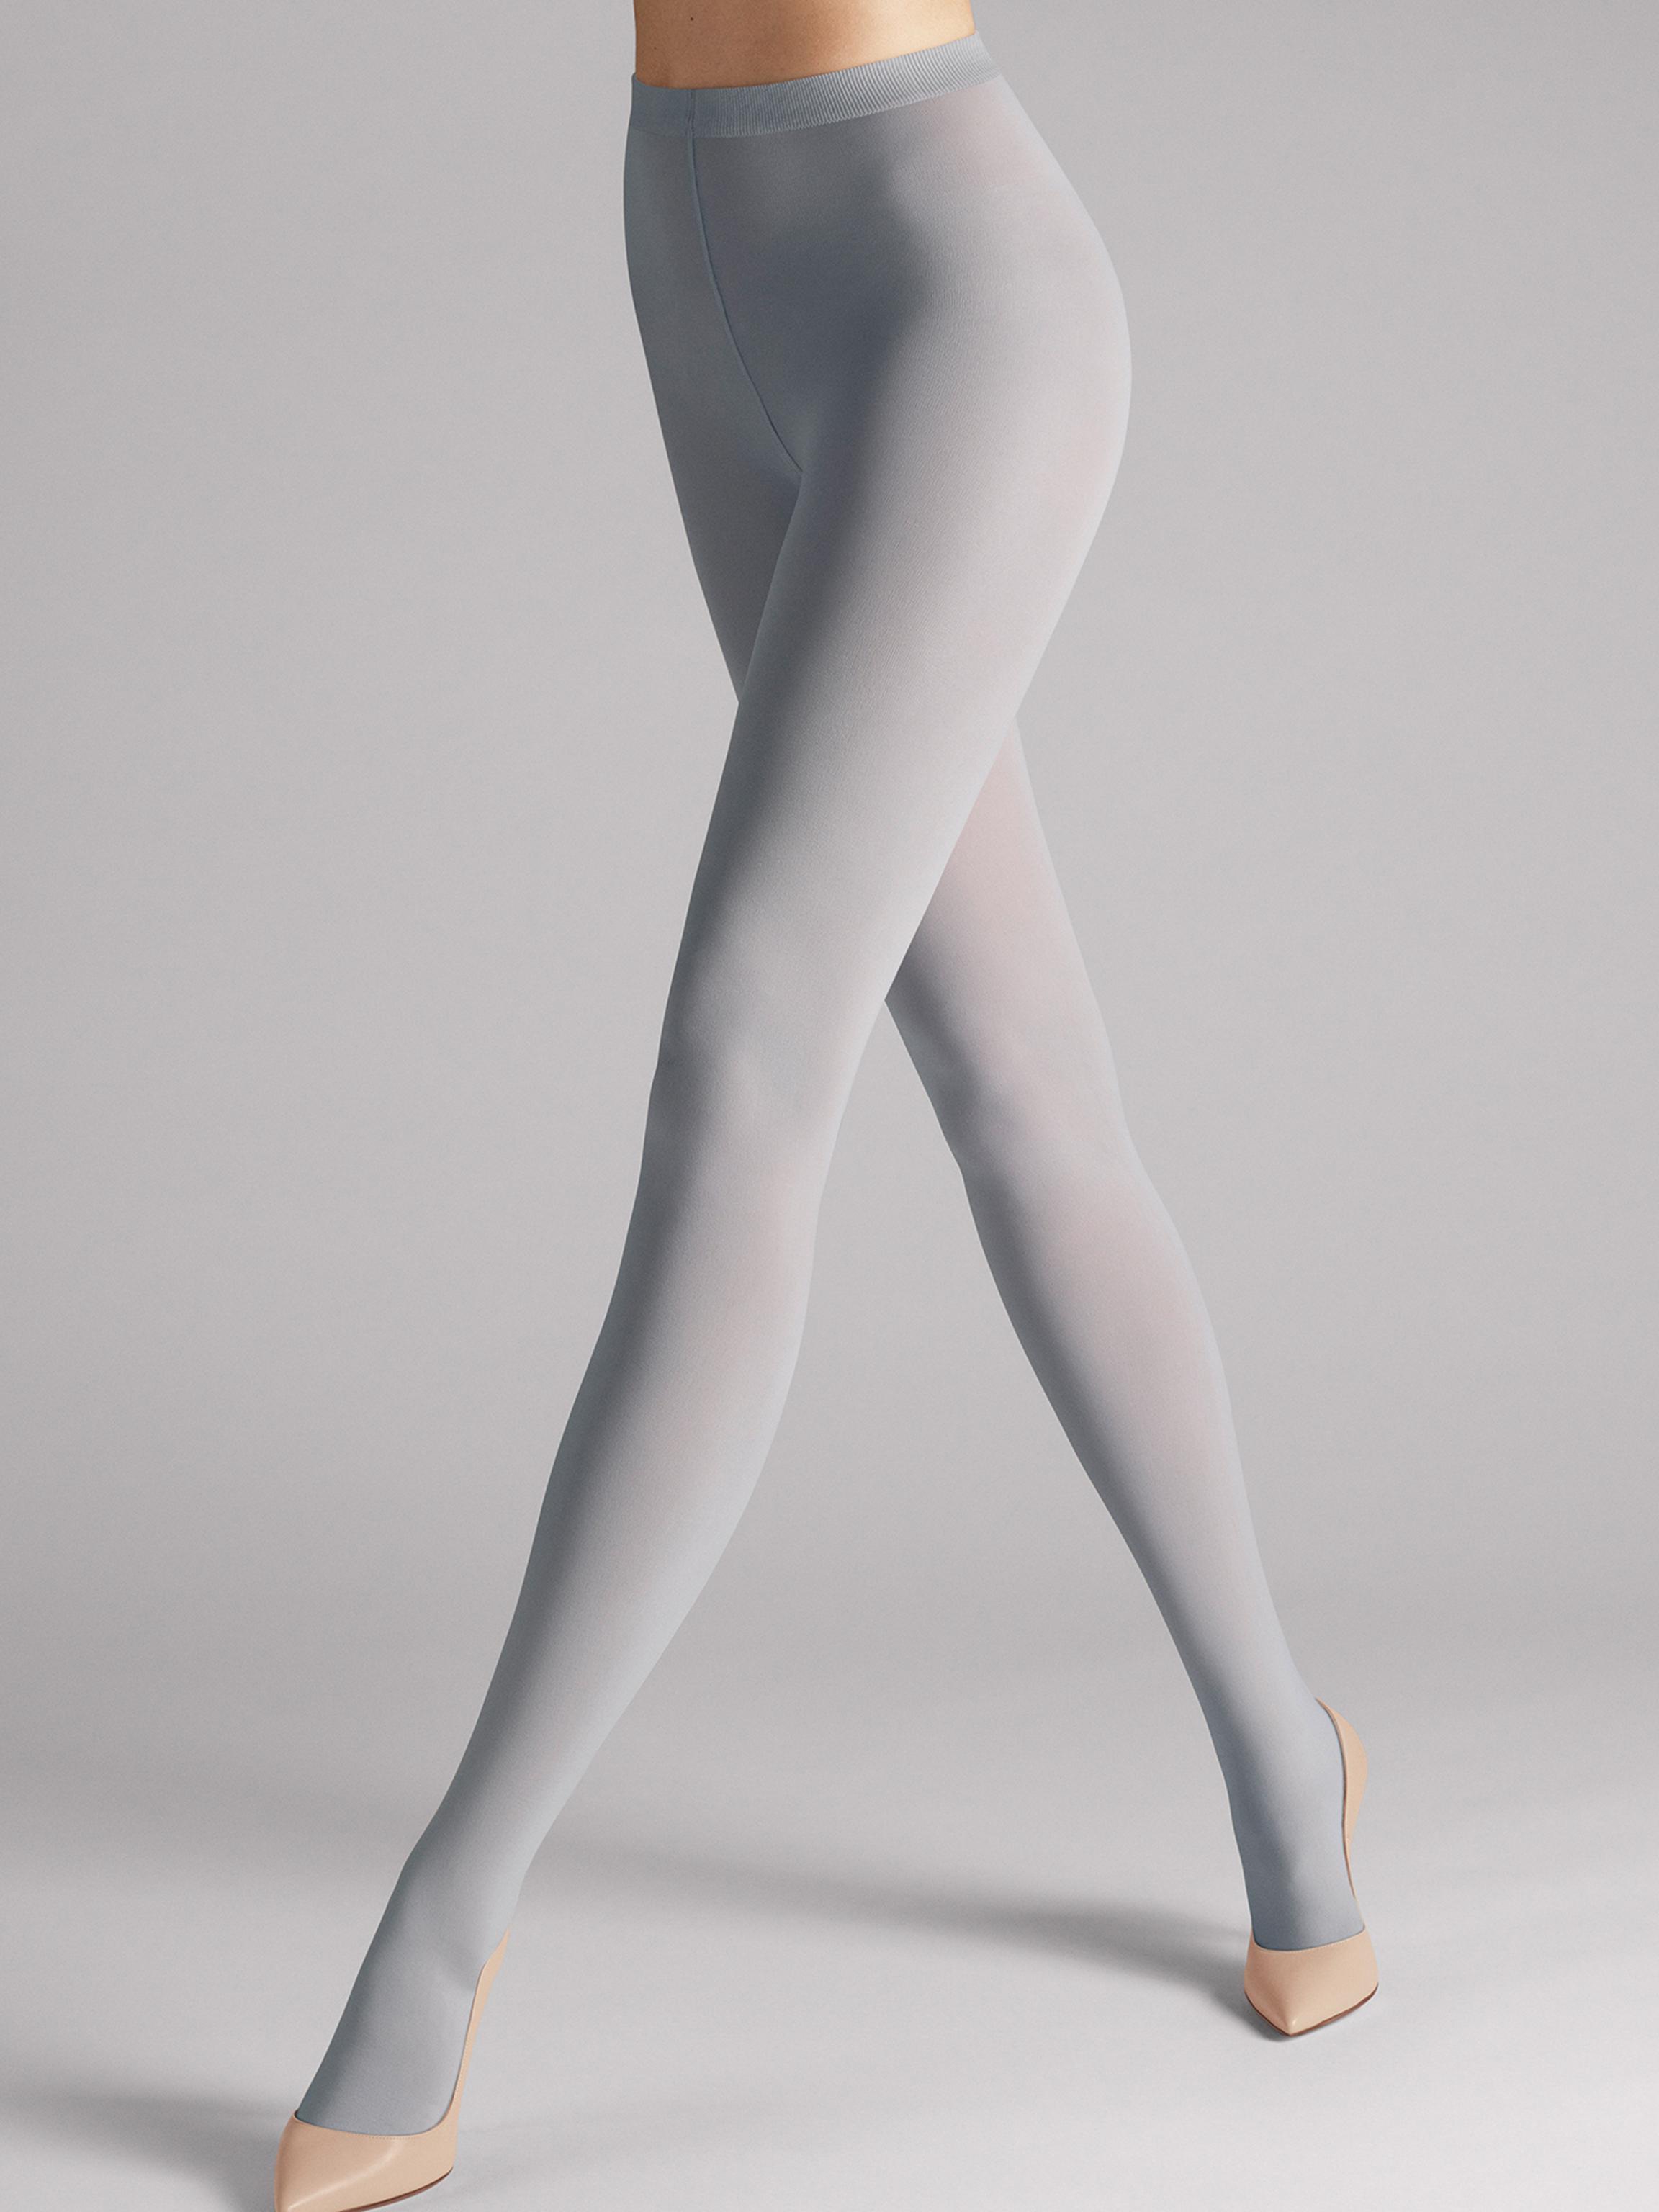 Velvet de Luxe 66 - 7493 - S